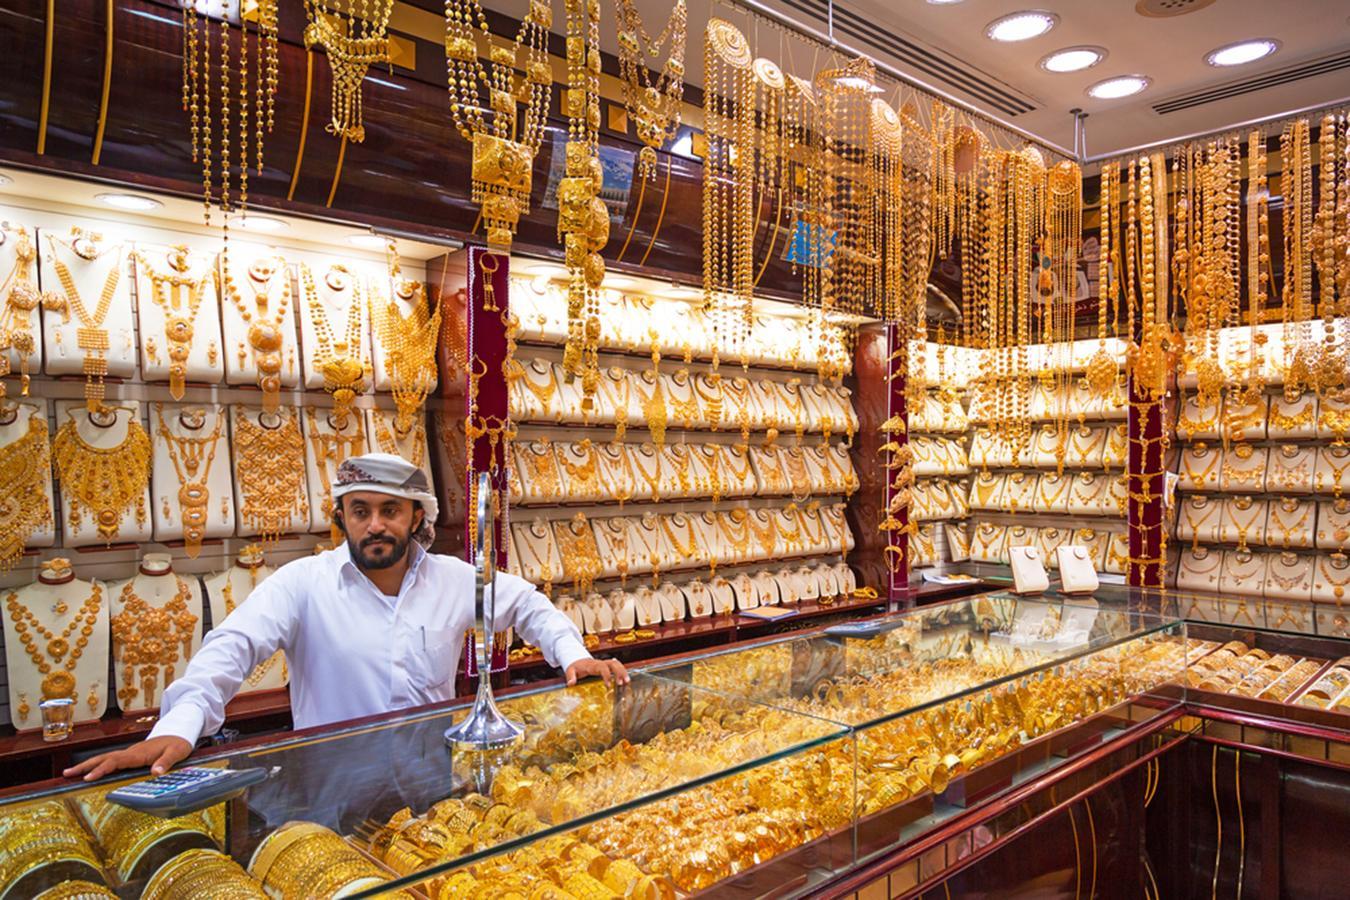 Lóa mắt trước khu chợ toàn bằng vàng ở UAE - Ảnh 6.